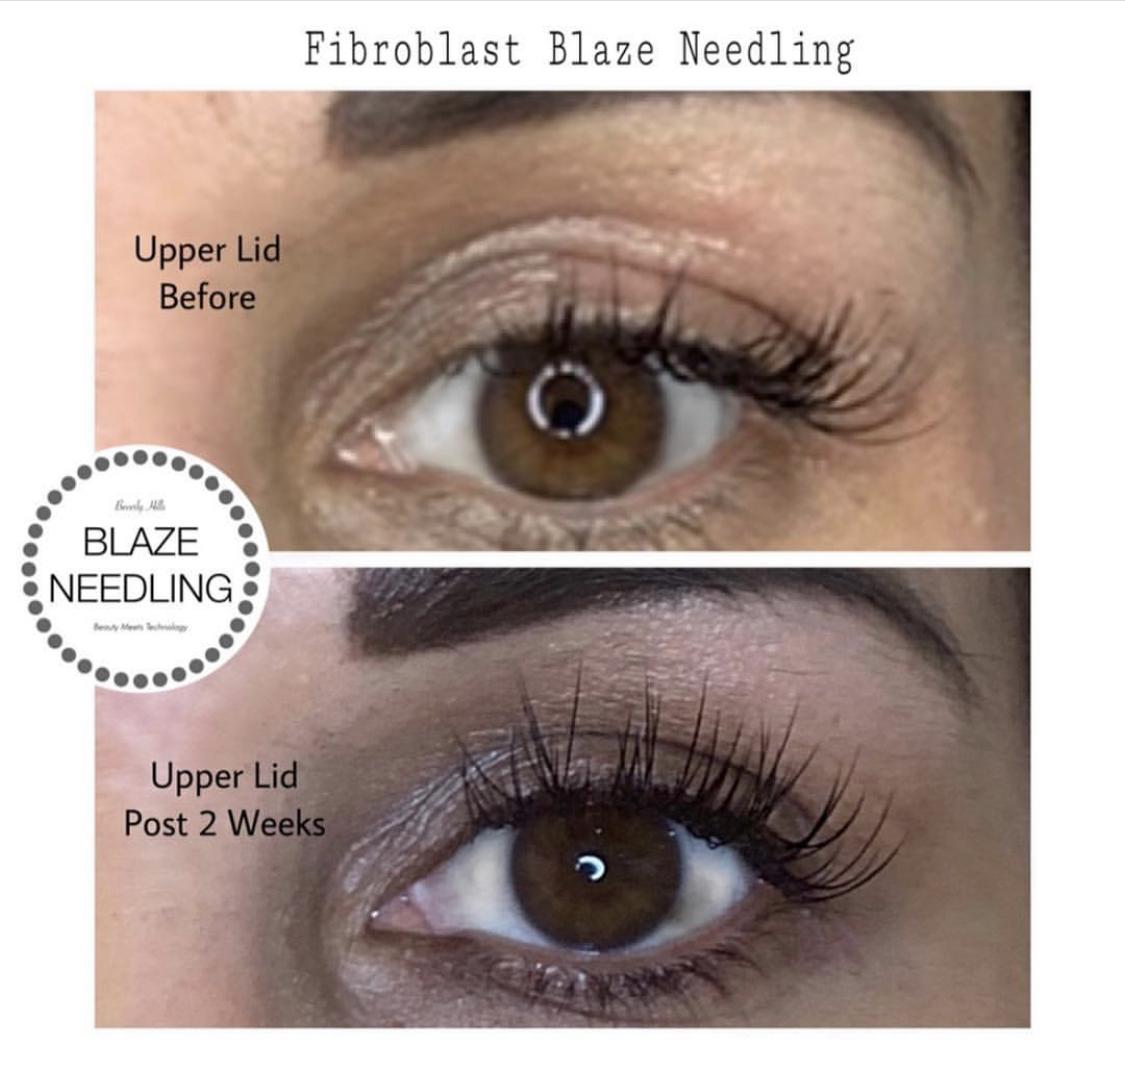 Fibroblast eyelid